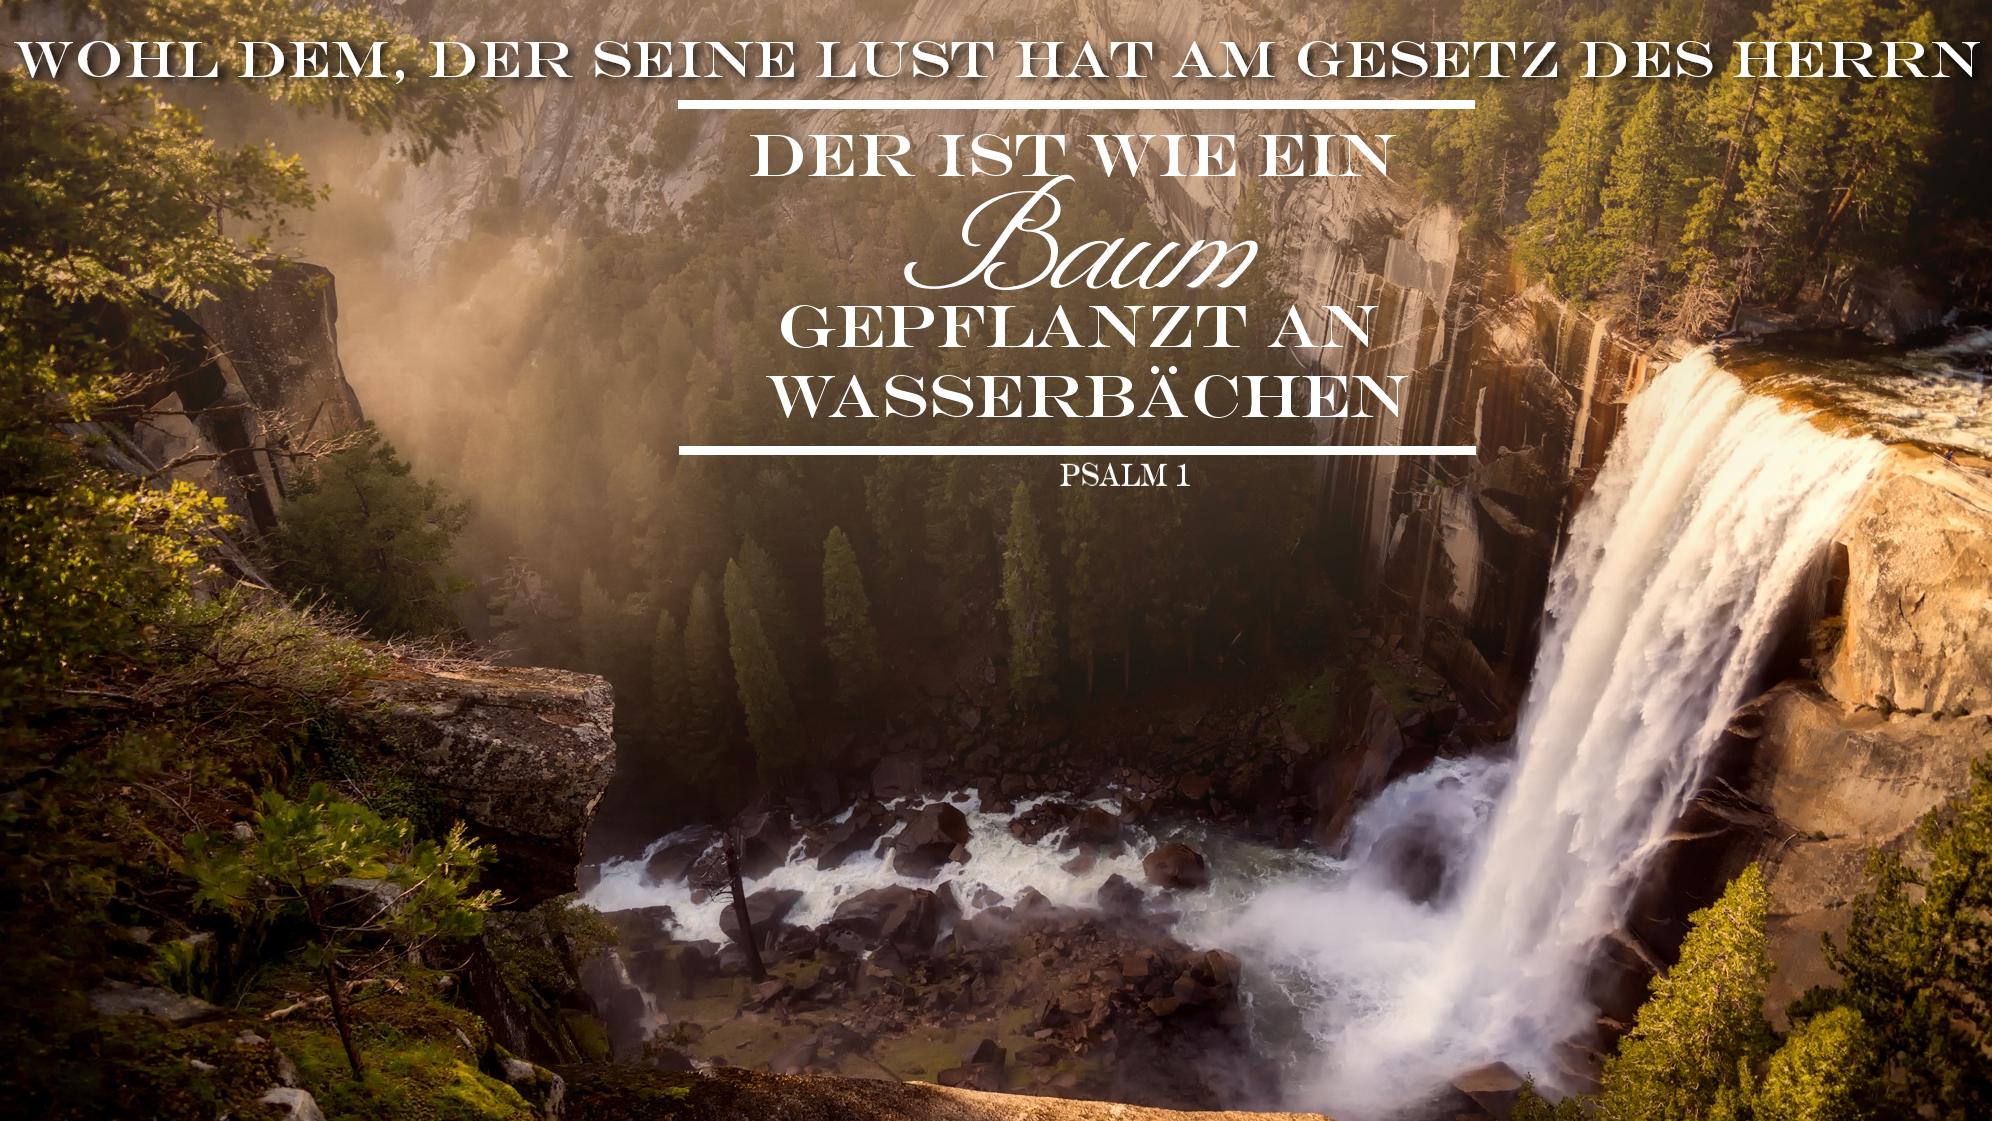 Christlicher wallpaper psalm 1 3 gladium spiritus - Christliche hintergrundbilder ...